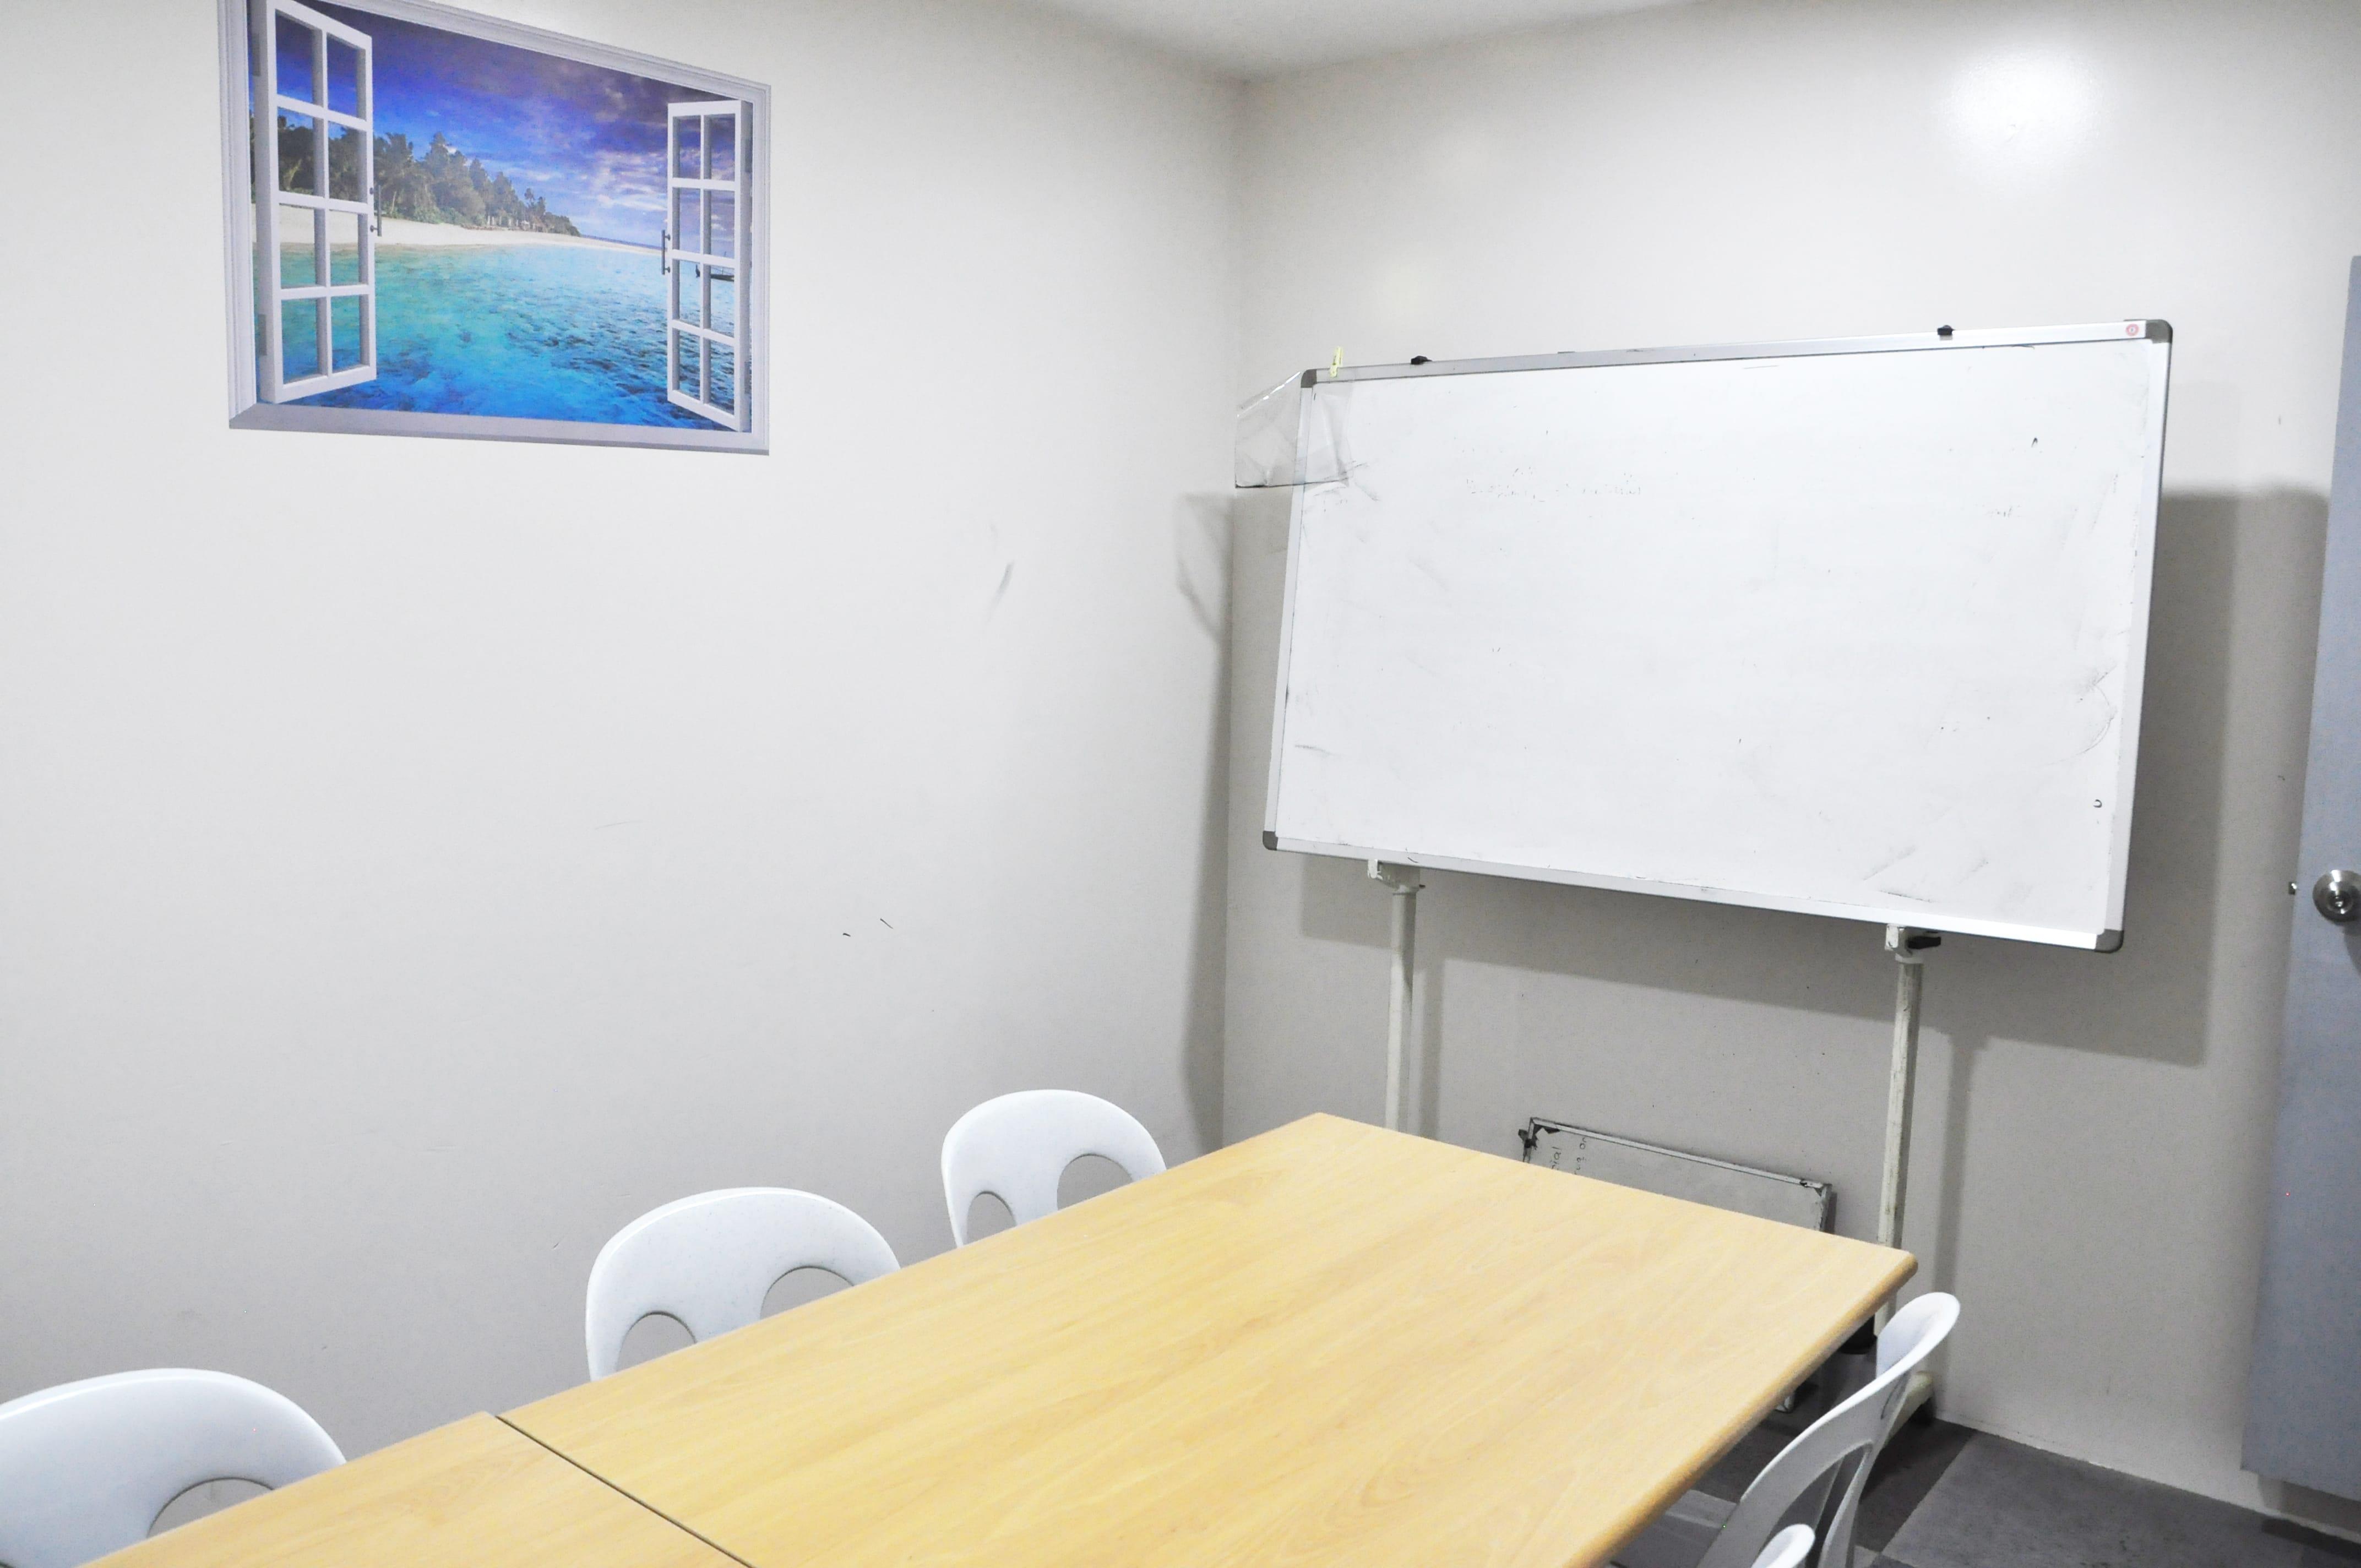 CIJ Academy Premium Campus